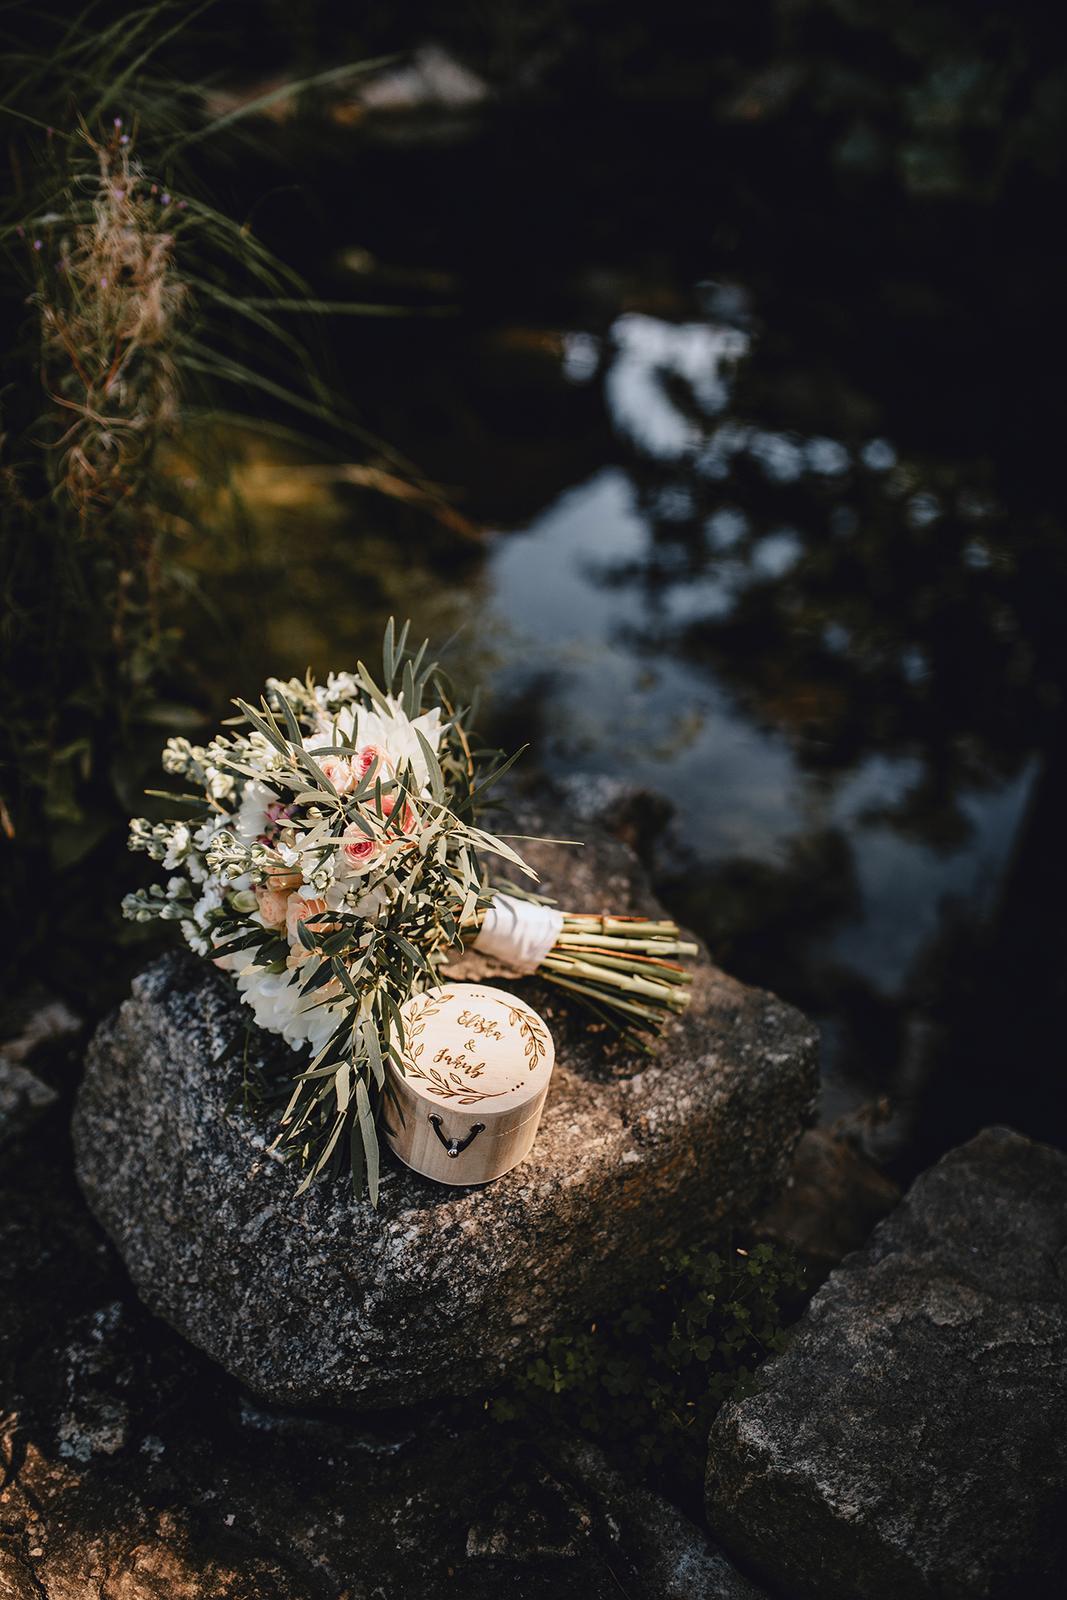 Srpnová pastelová svatba - Obrázek č. 1